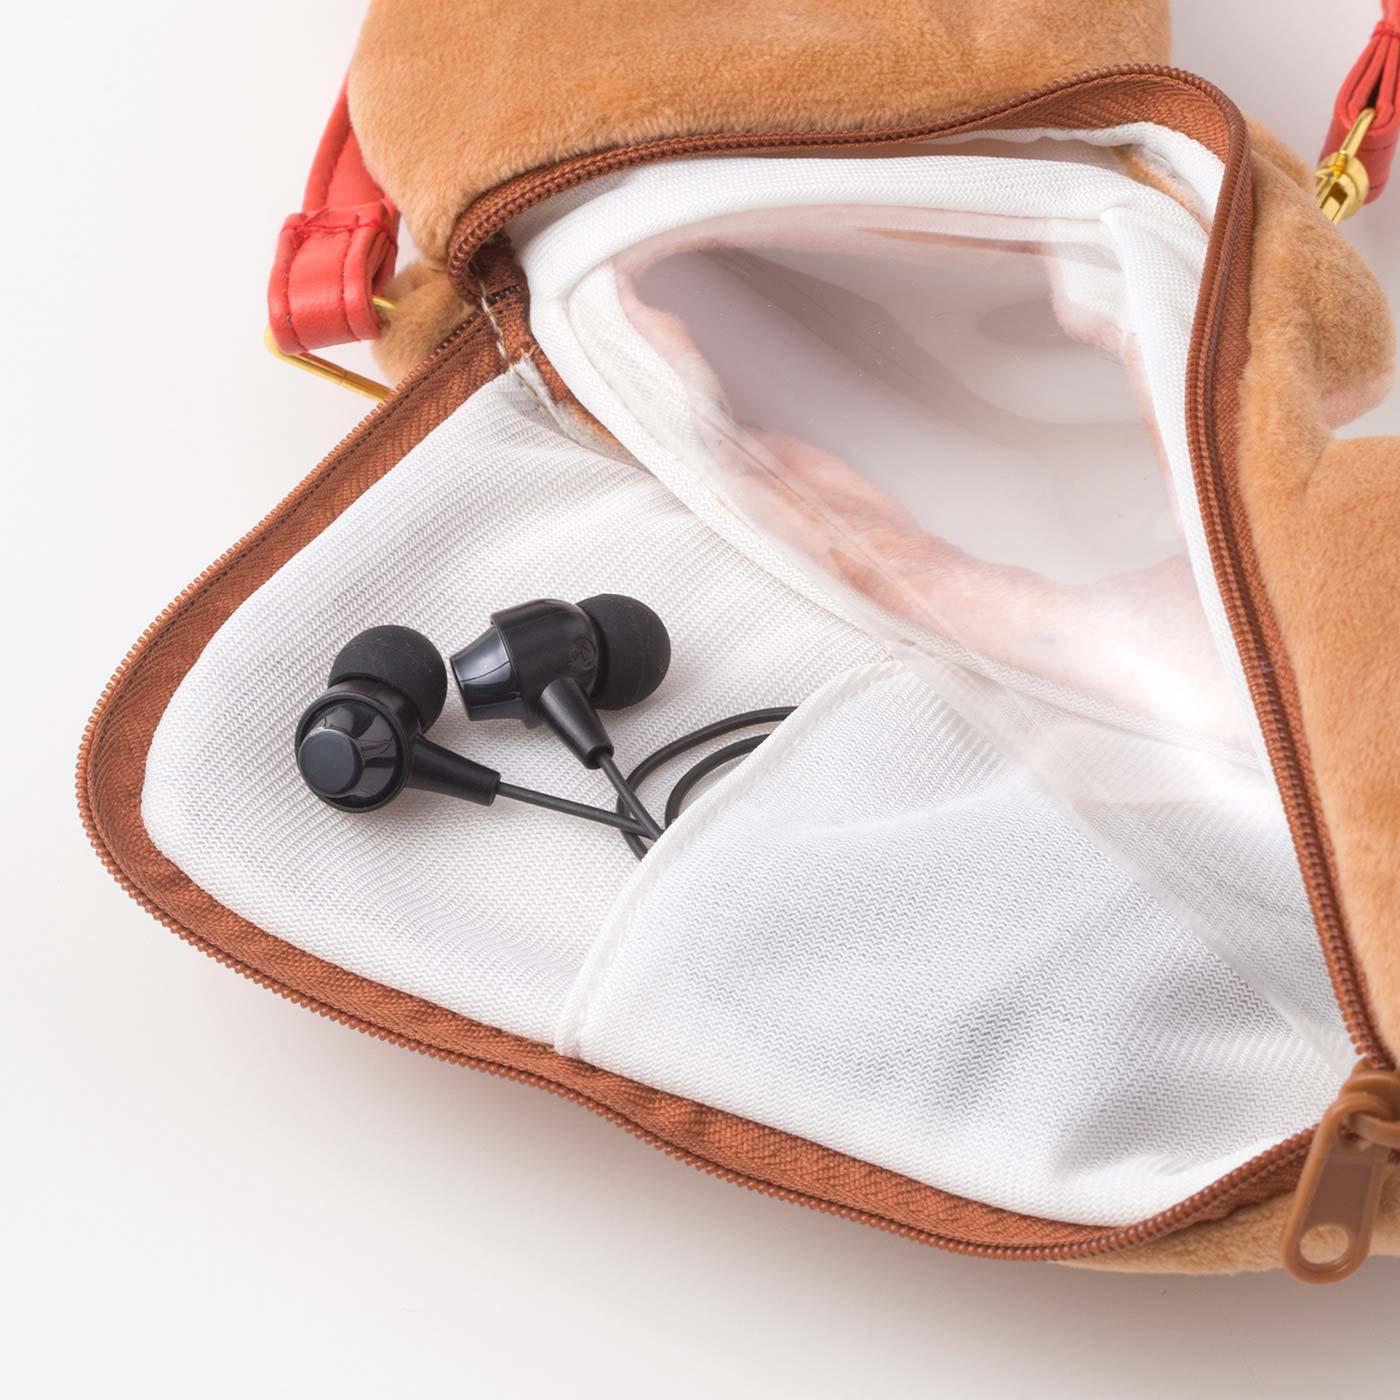 L字ファスナーで出し入れしやすい。イヤホンや小銭入れに便利なポケット付き。